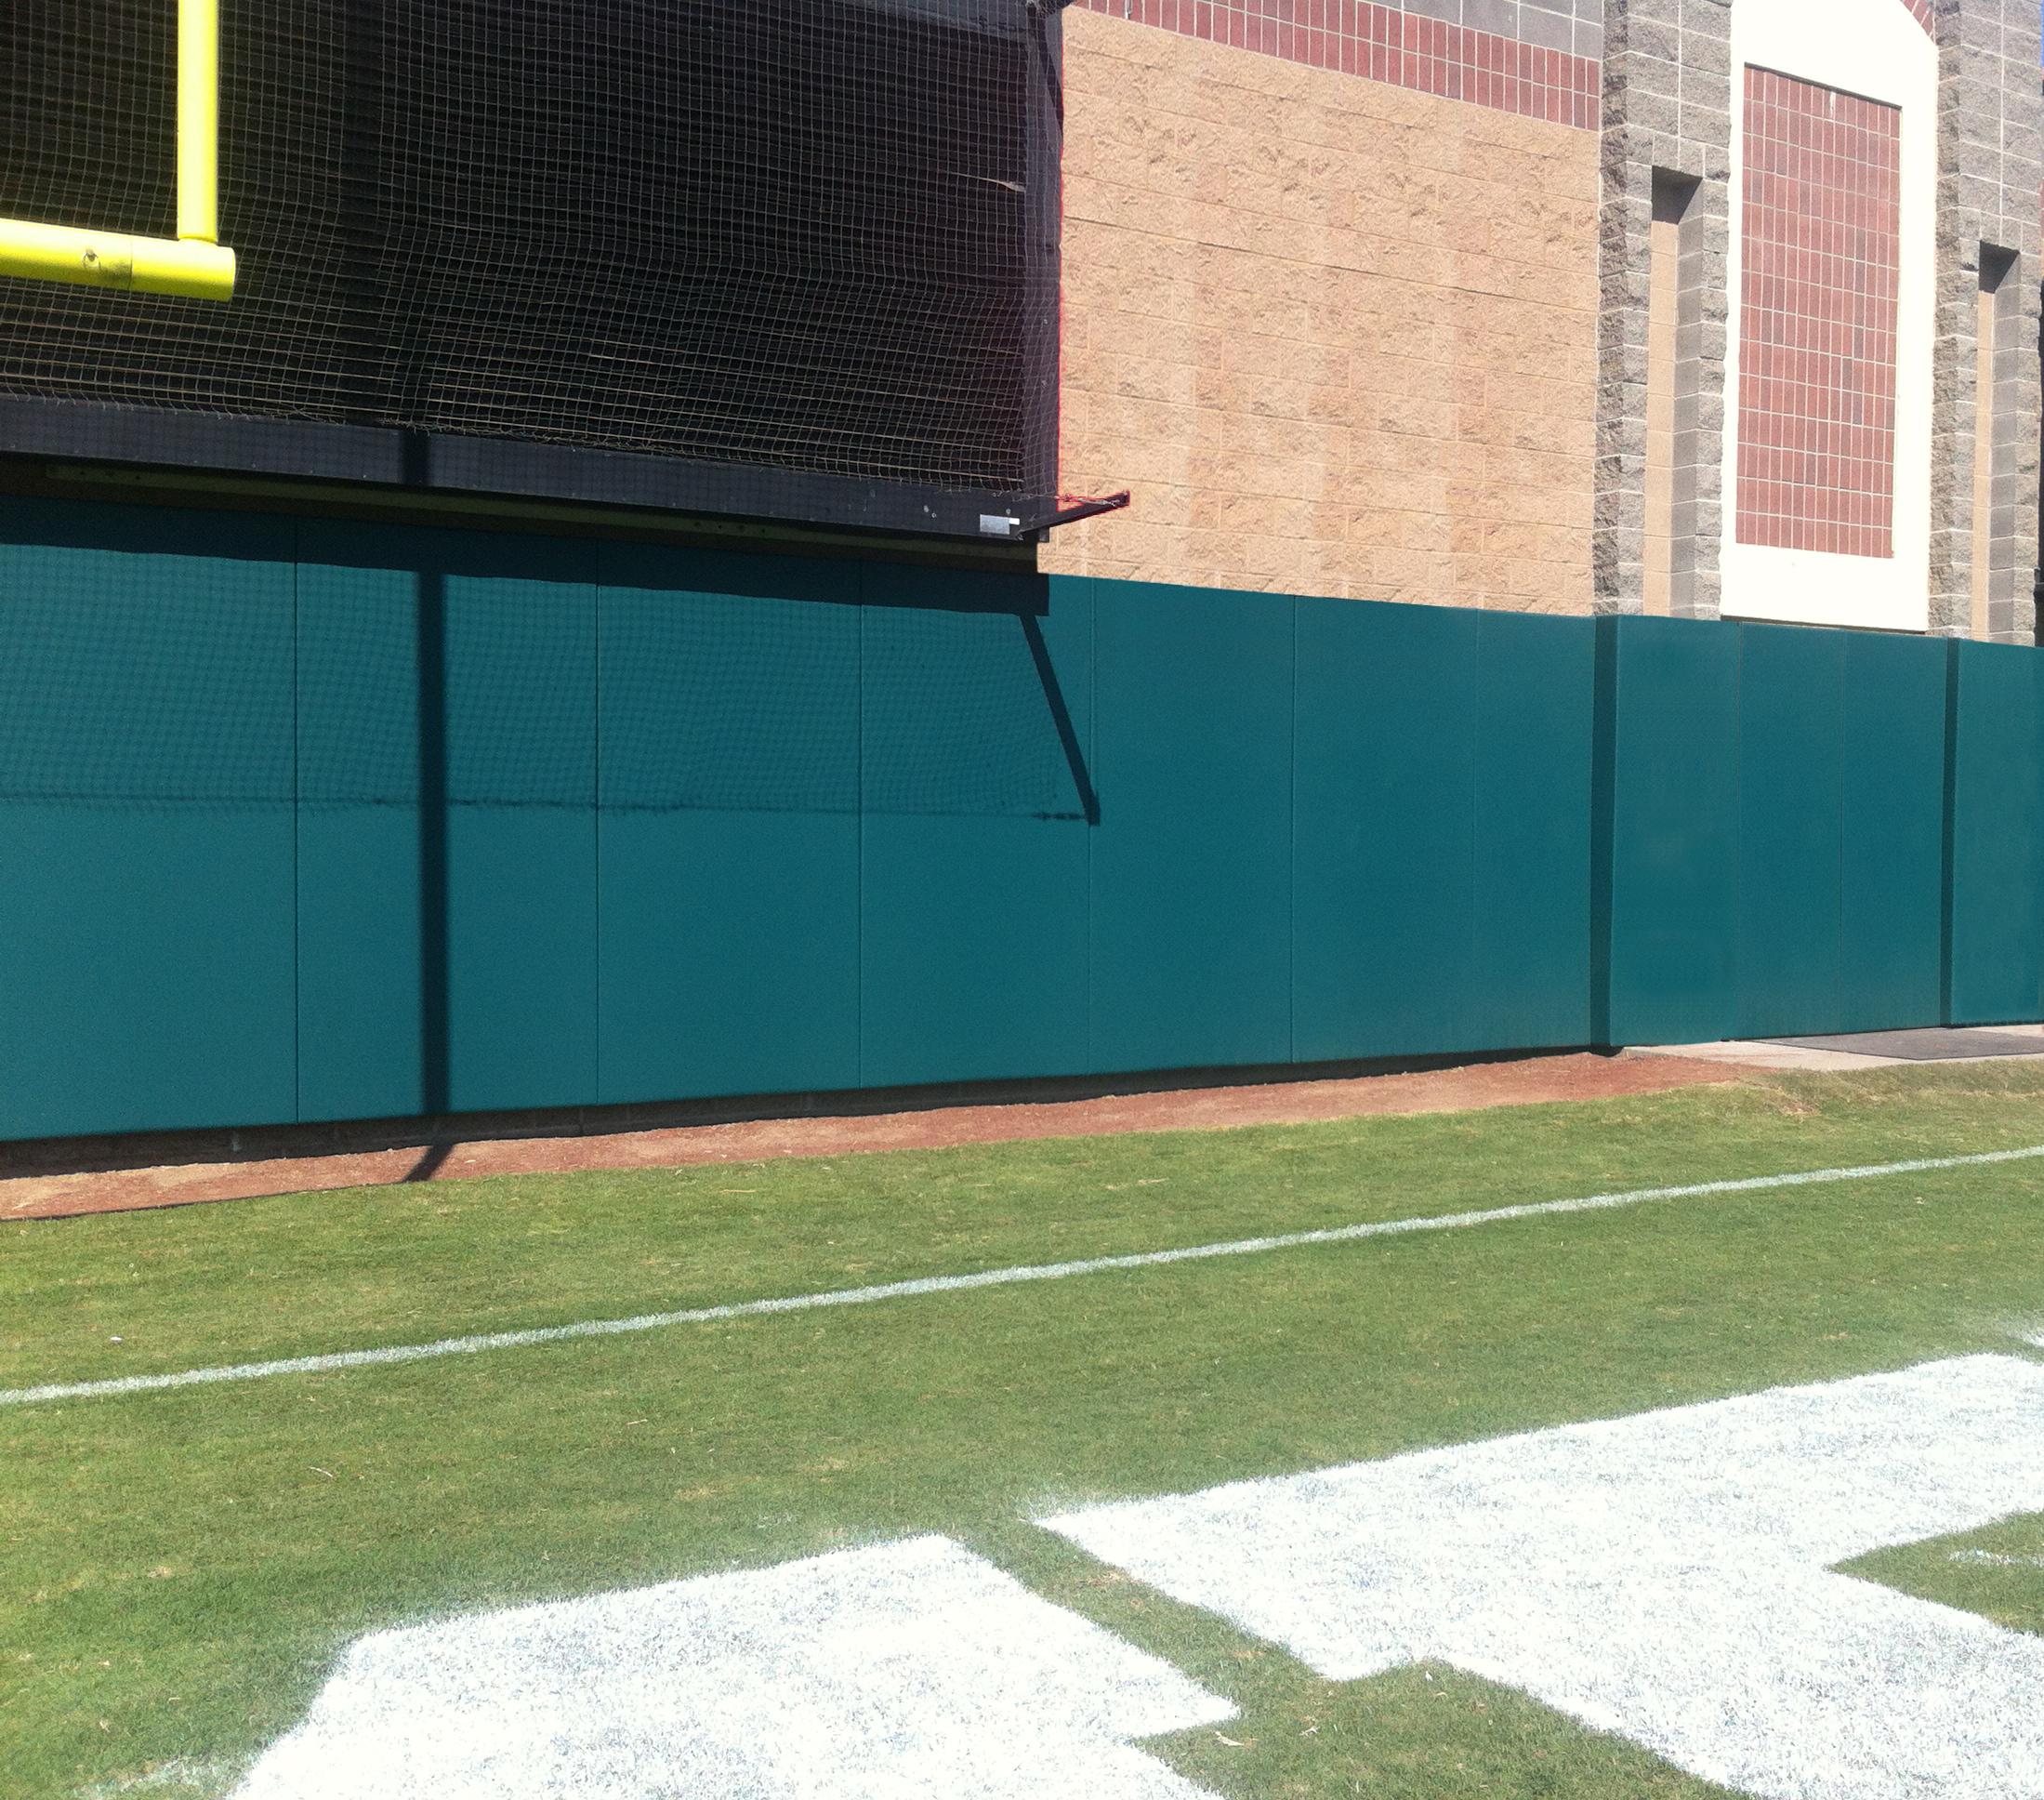 SportsVenuePadding | Wall Pads